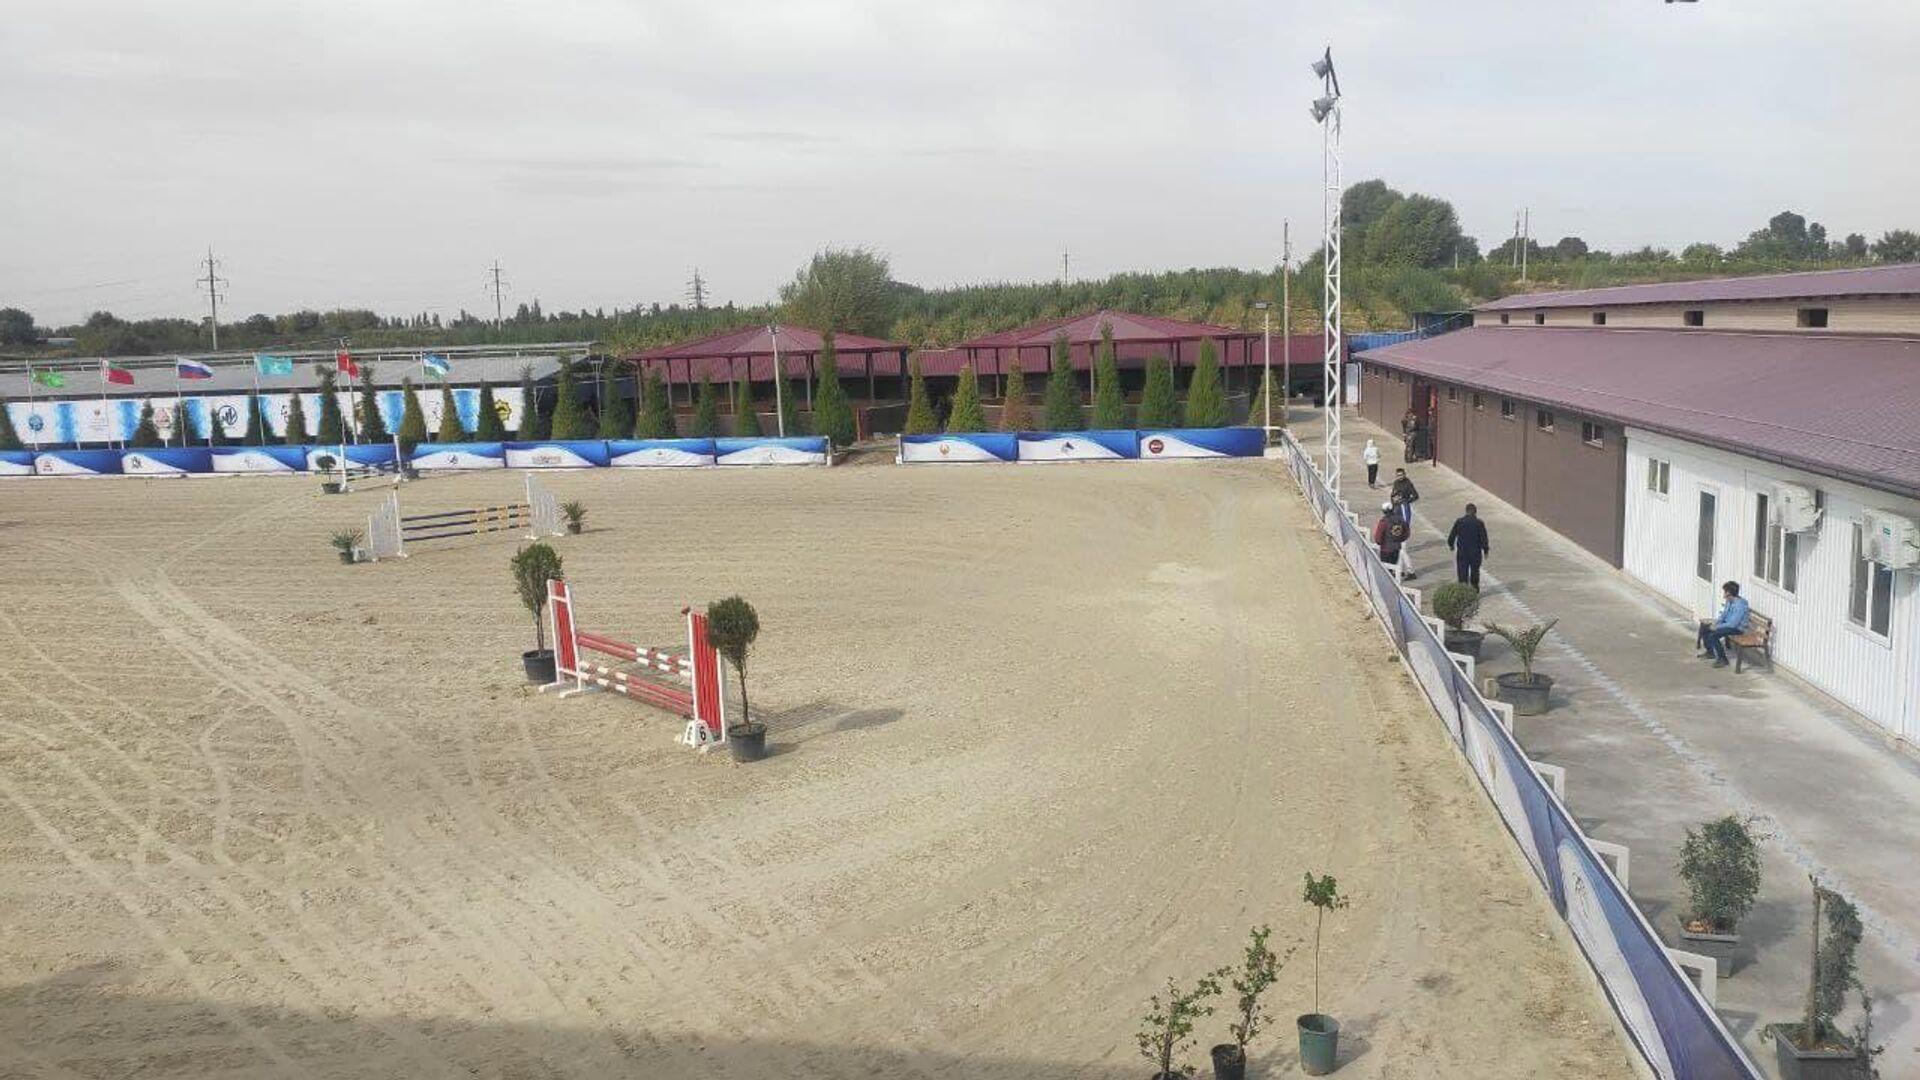 Новый конно-спортивный комплекс под Ташкентом - Sputnik Узбекистан, 1920, 13.10.2021